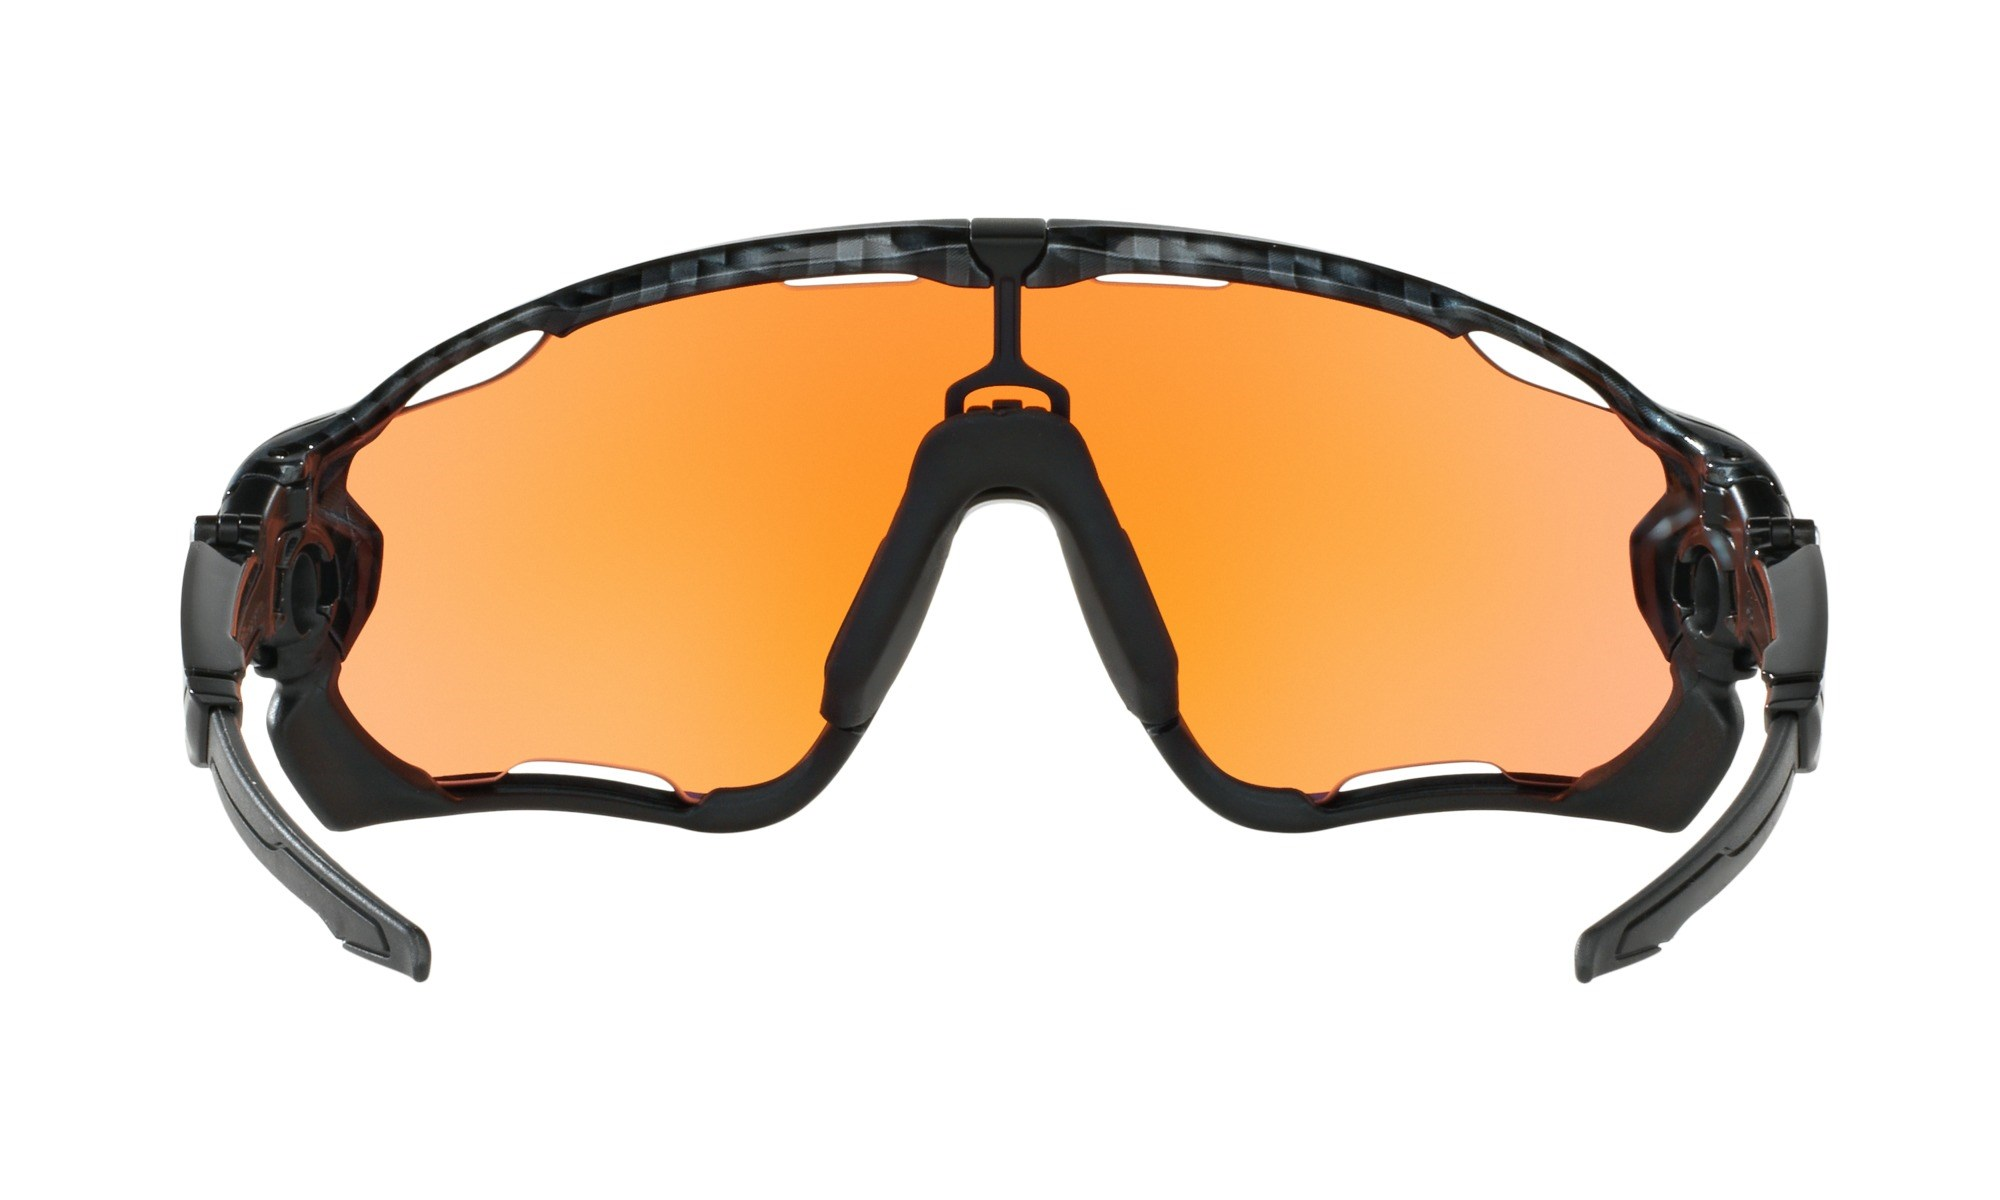 140fe676851 Oakley Jawbreaker Glasses Carbon Fiber w Prizm Trail Lens £175.00